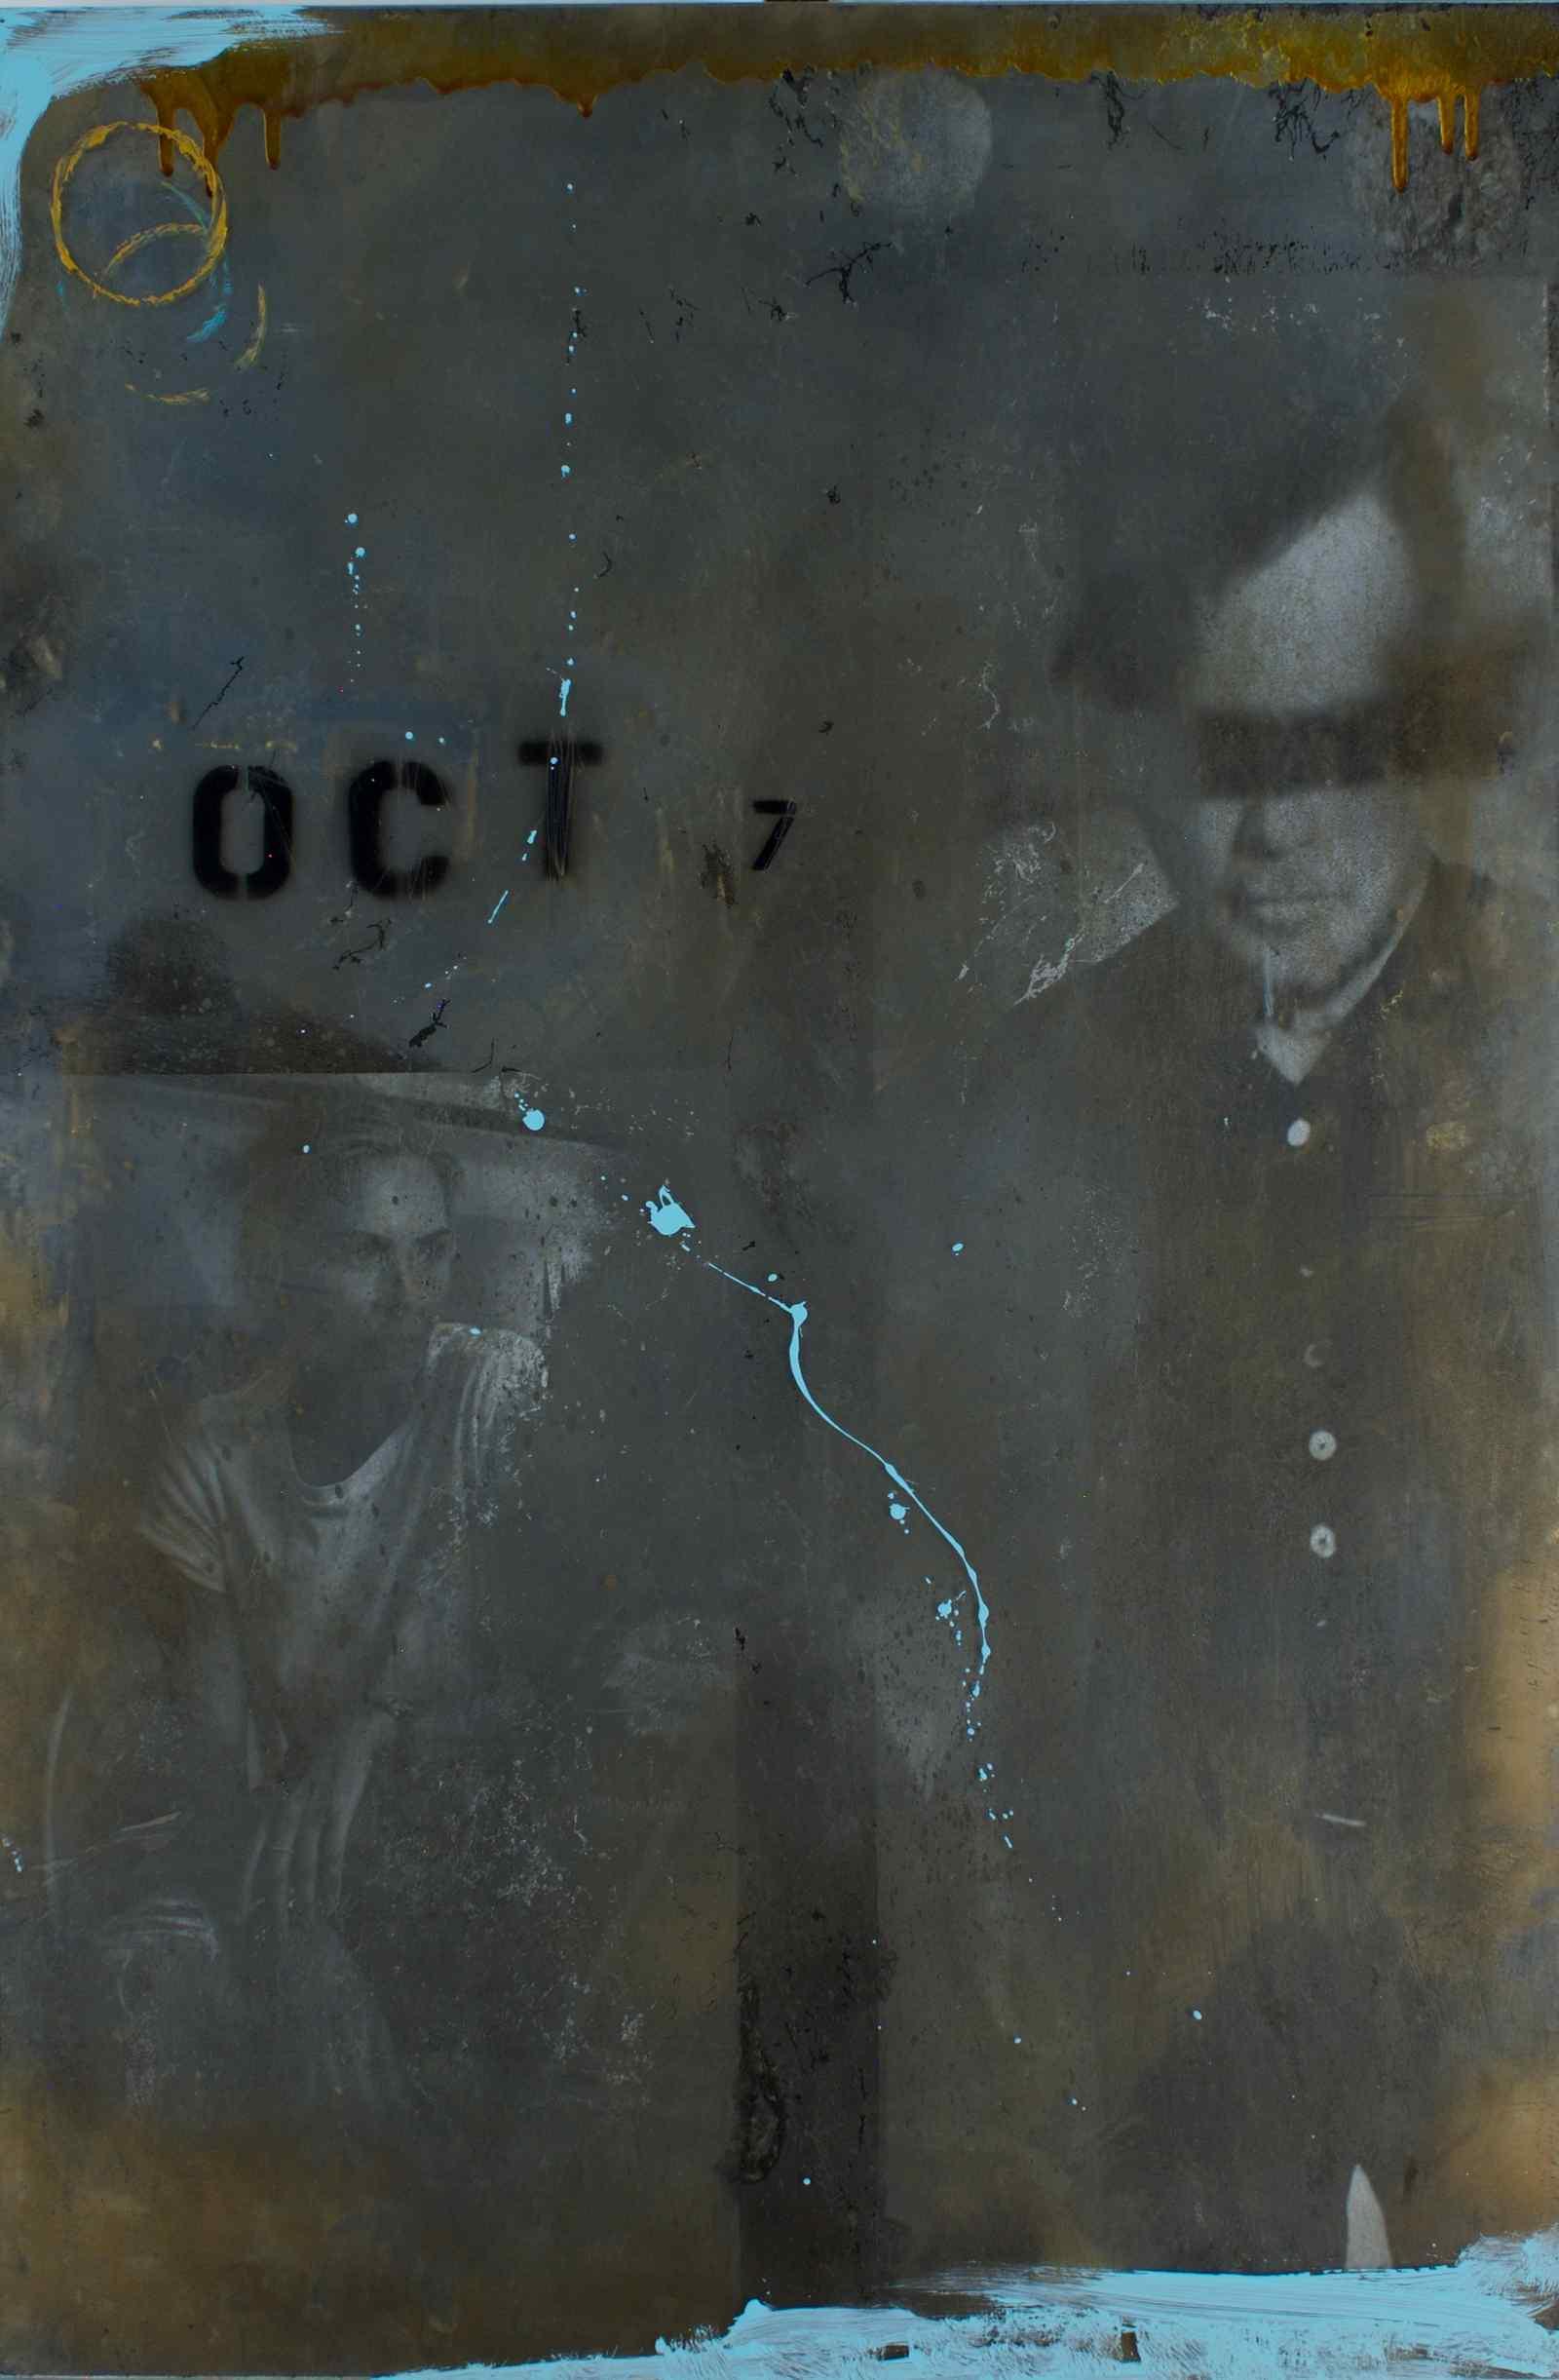 October 7th